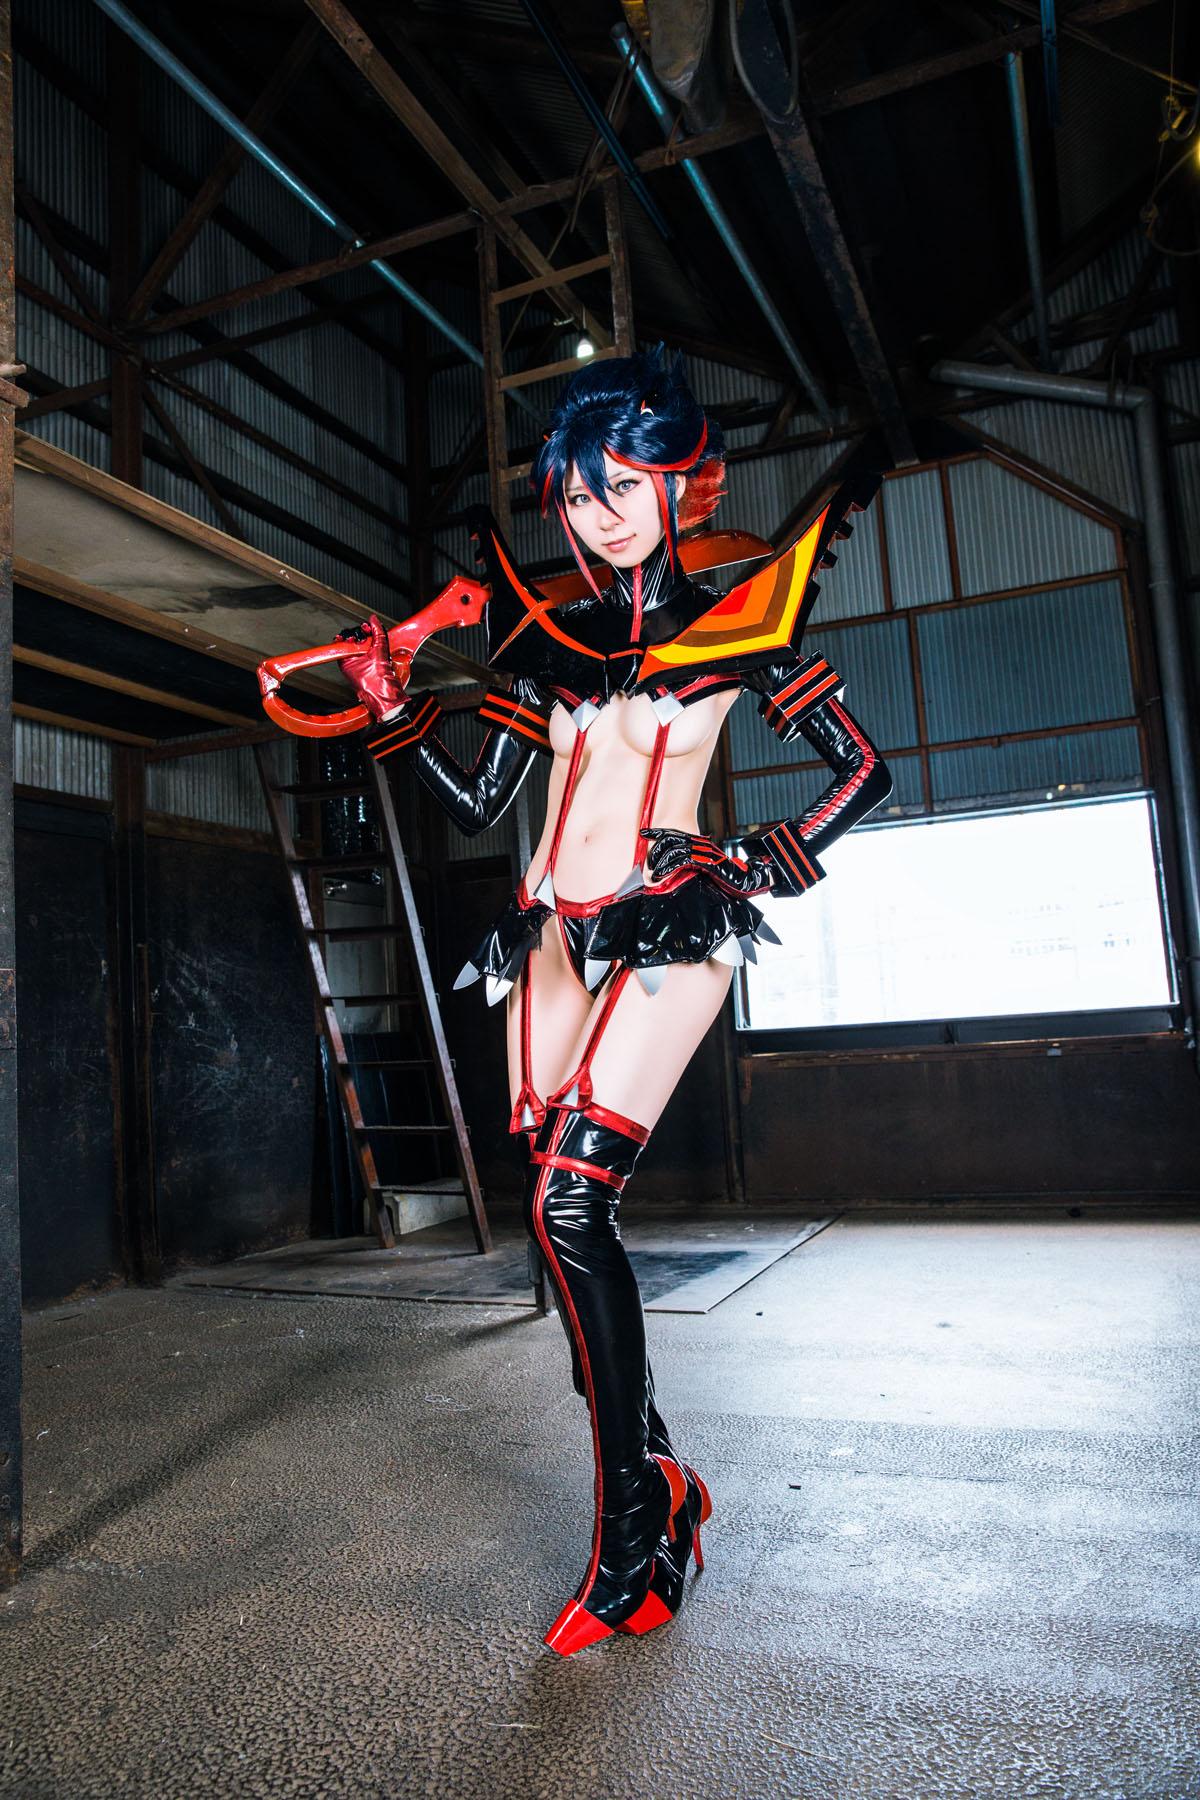 Kill la Kill Ryuuko Matoi anime cosplay by Mikehouse 0022